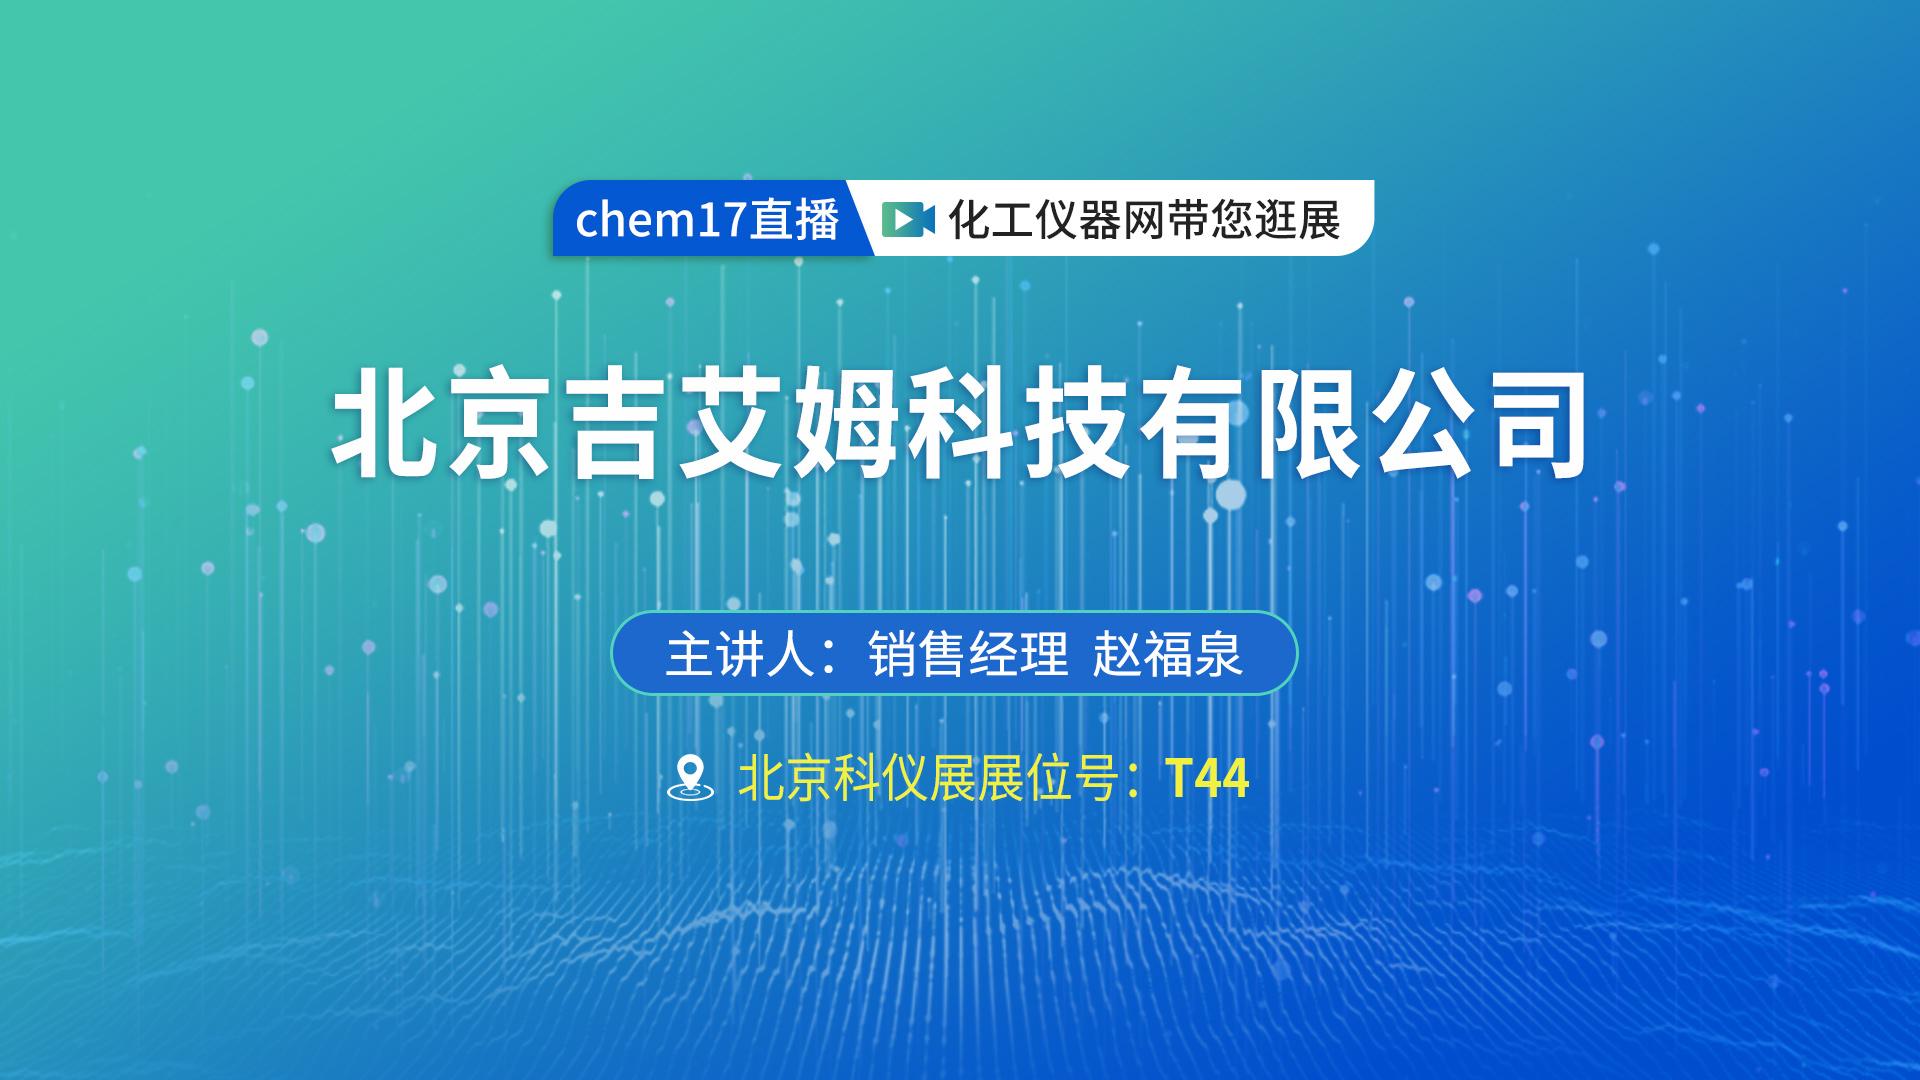 专注真空浓缩  北京吉艾姆科技有限公司出席CISILE 2021